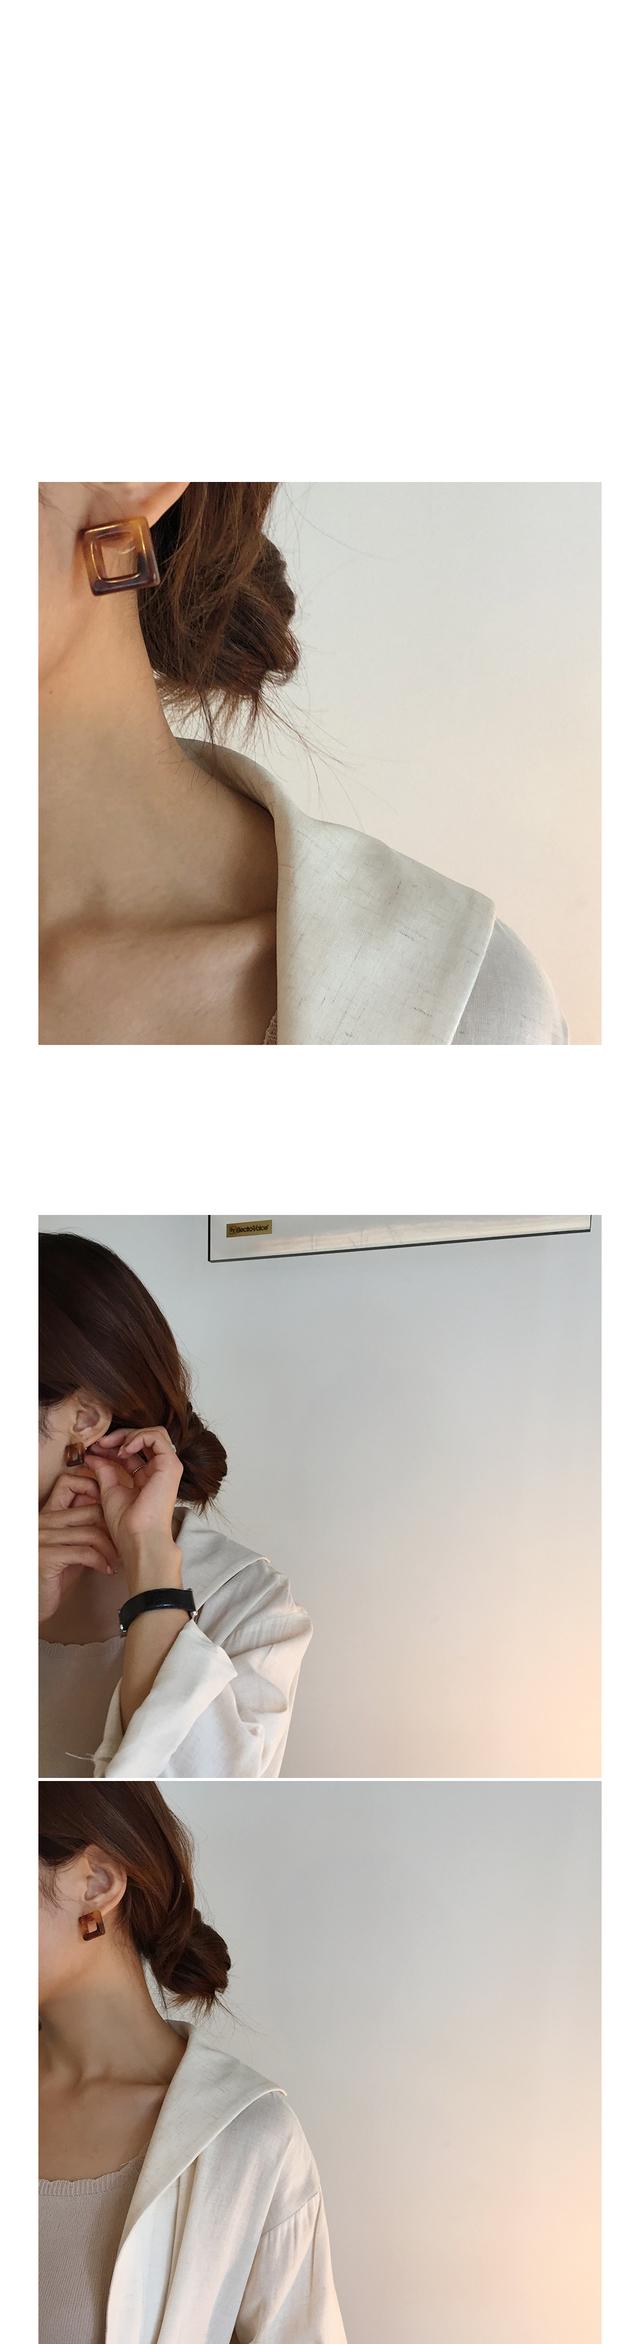 Zem No.304 (earring)